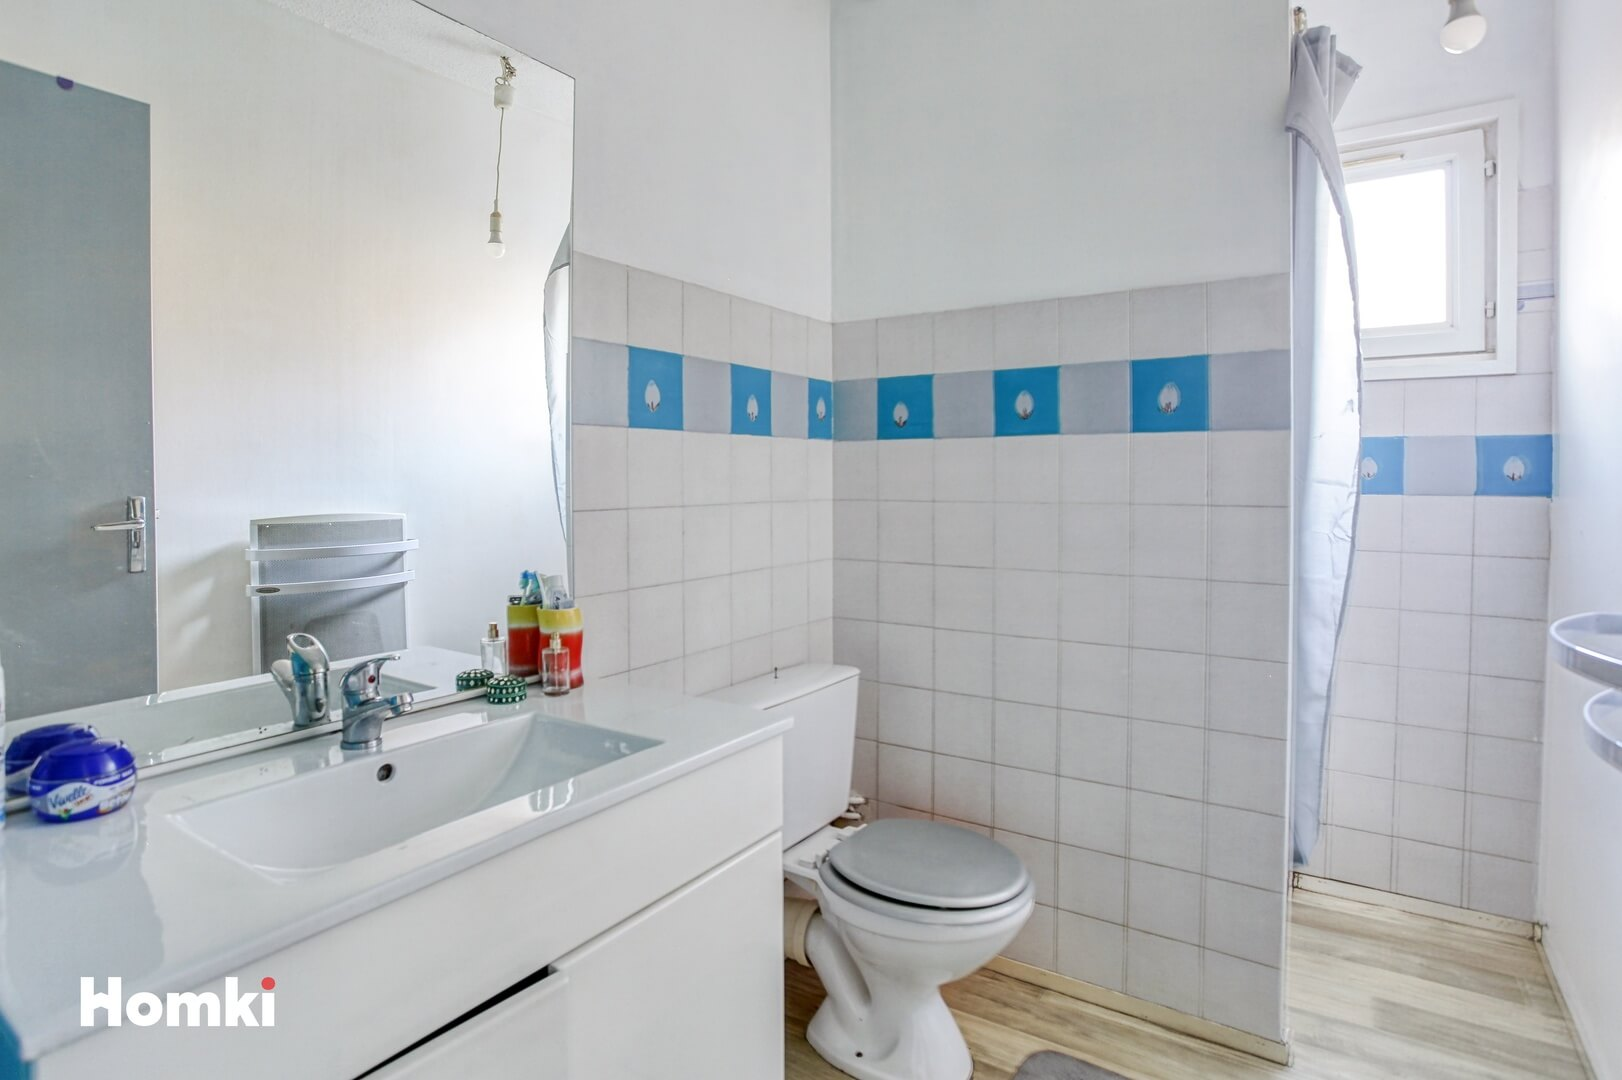 Homki - Vente Maison/villa  de 96.0 m² à Toulouse 31200